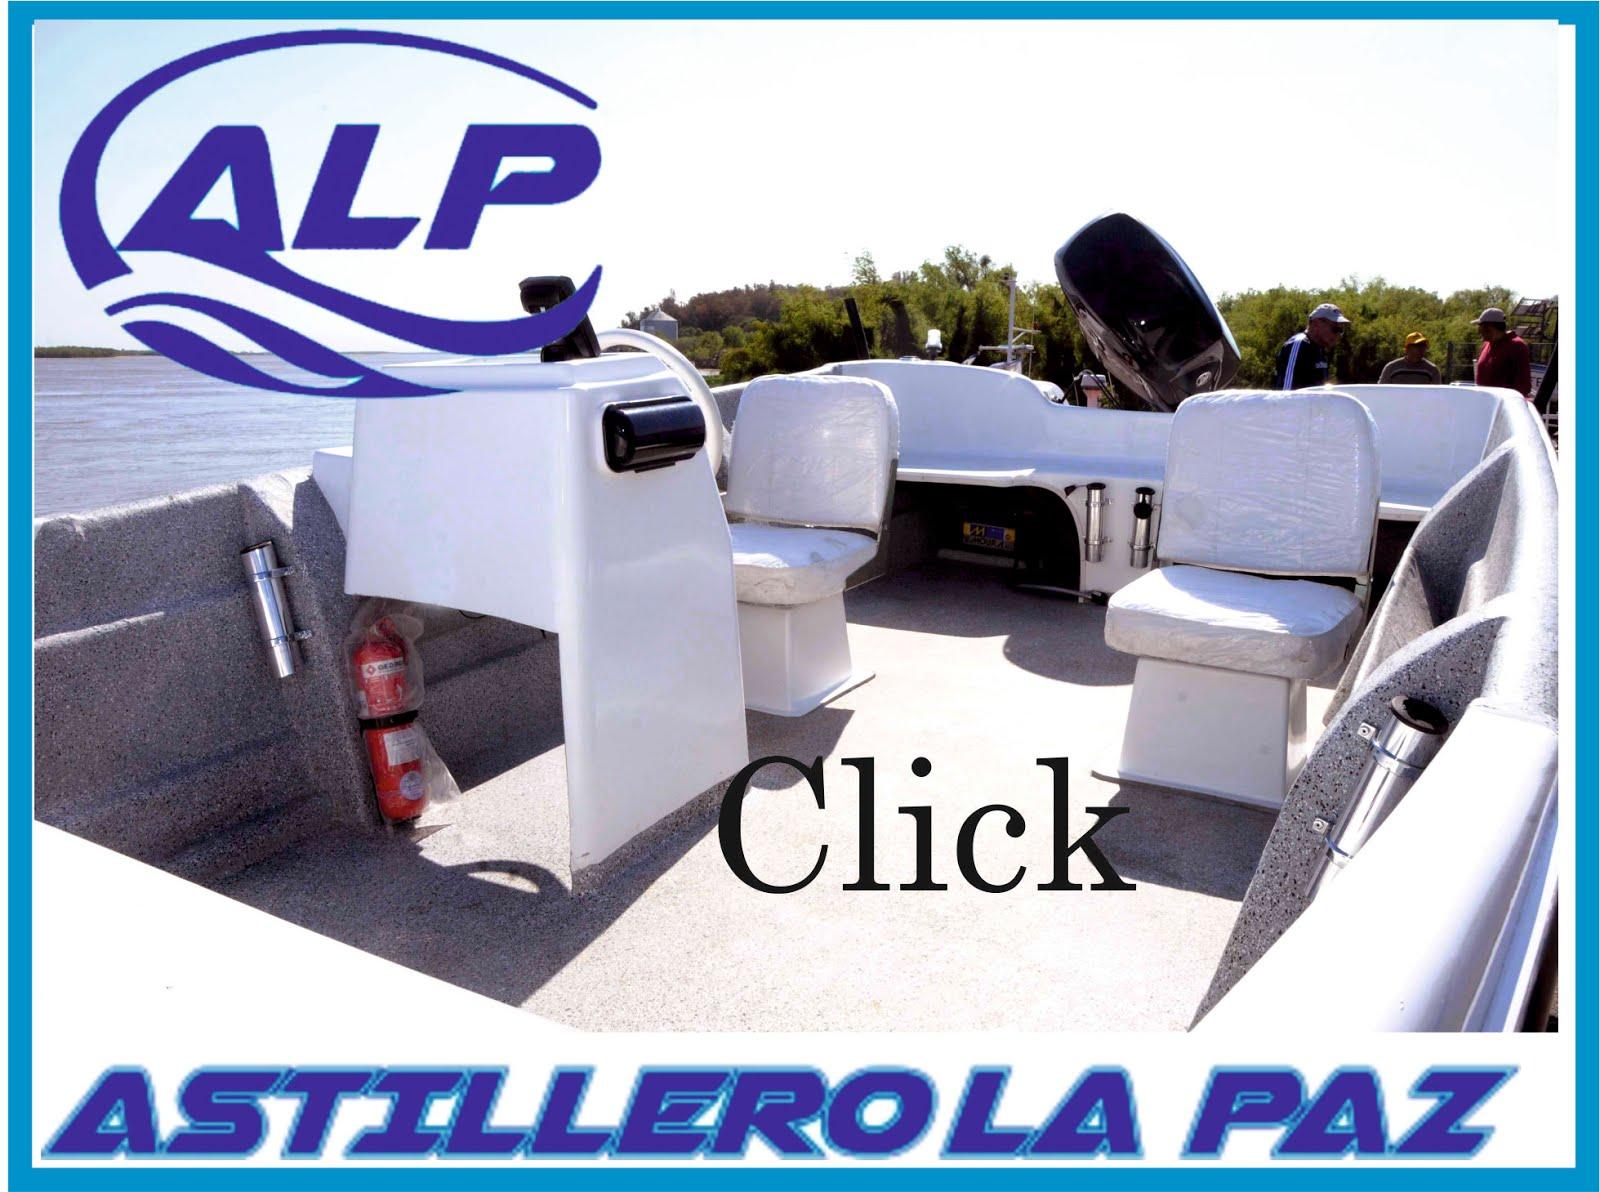 Astillero La Paz